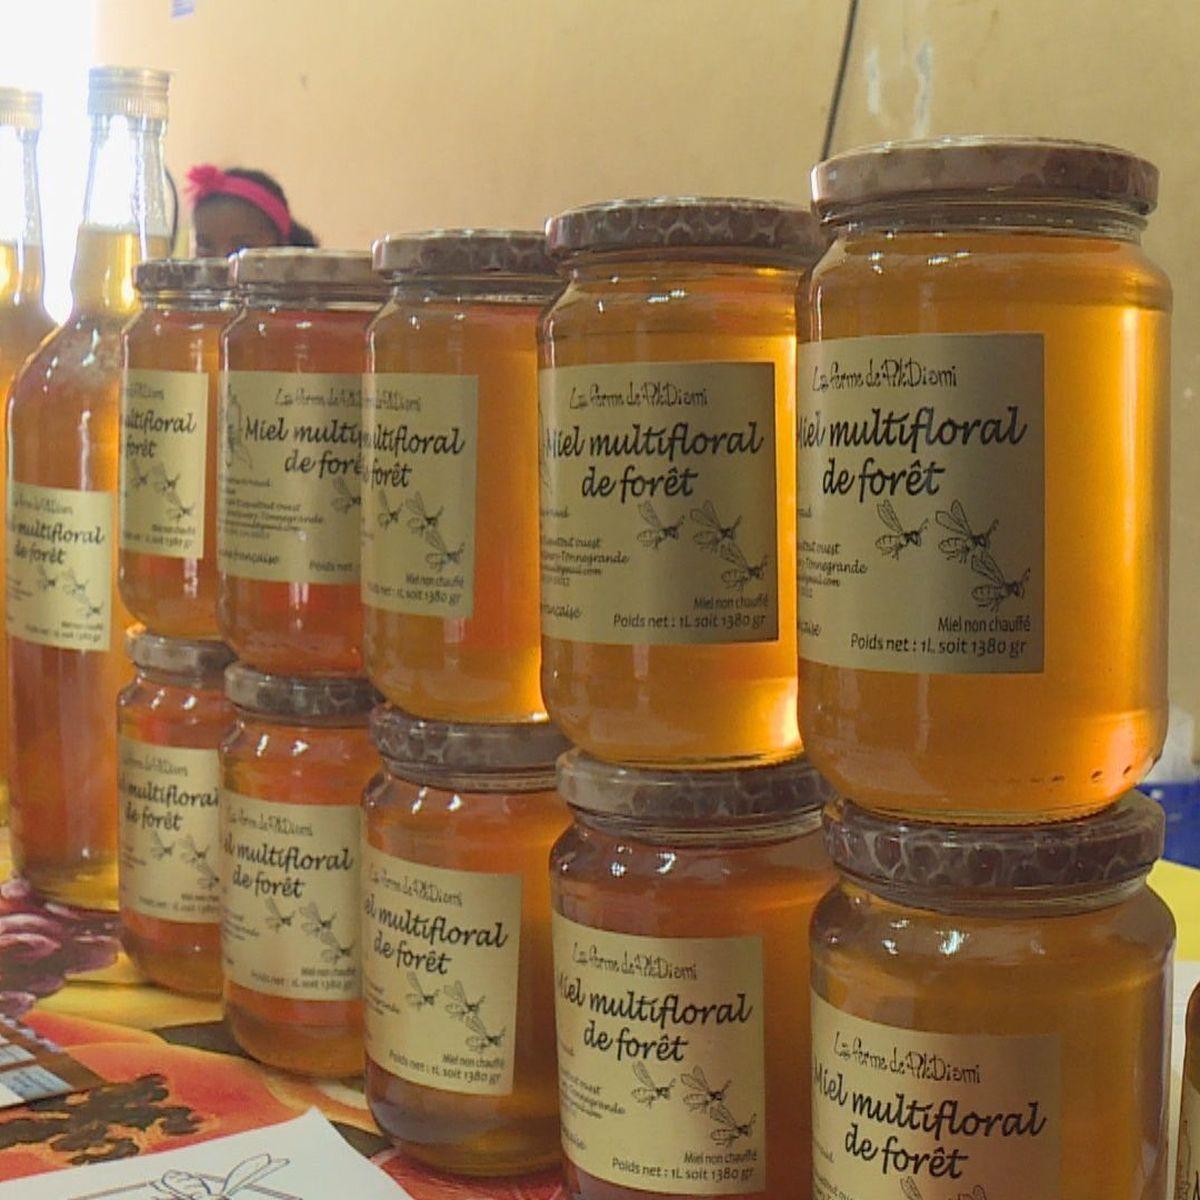 4eme édition de la Journée de l'abeille et du miel : le nouvel or...à savourer et à développer